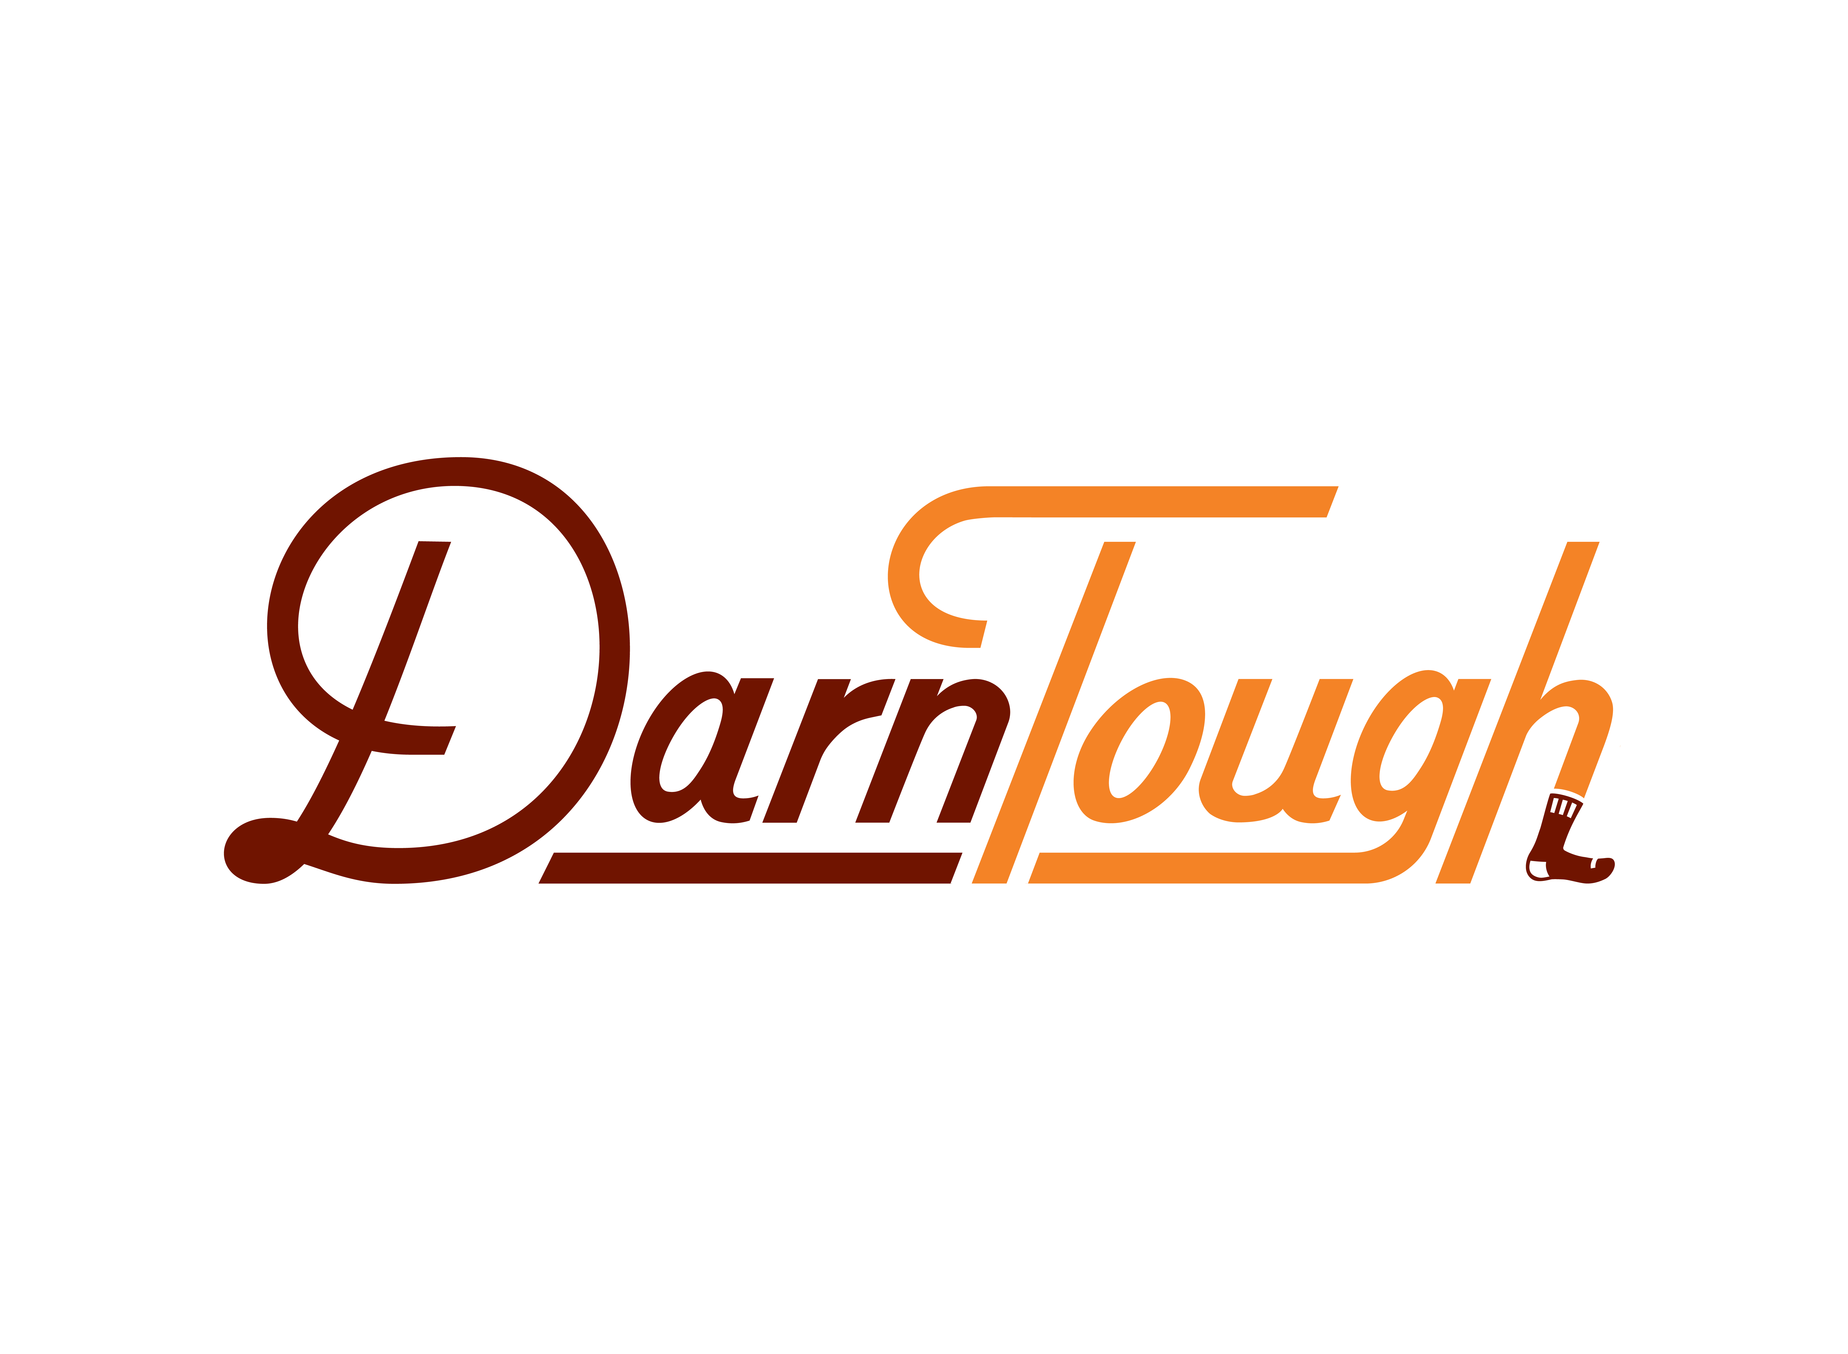 darn+tough+final+identity-wbg-08.png